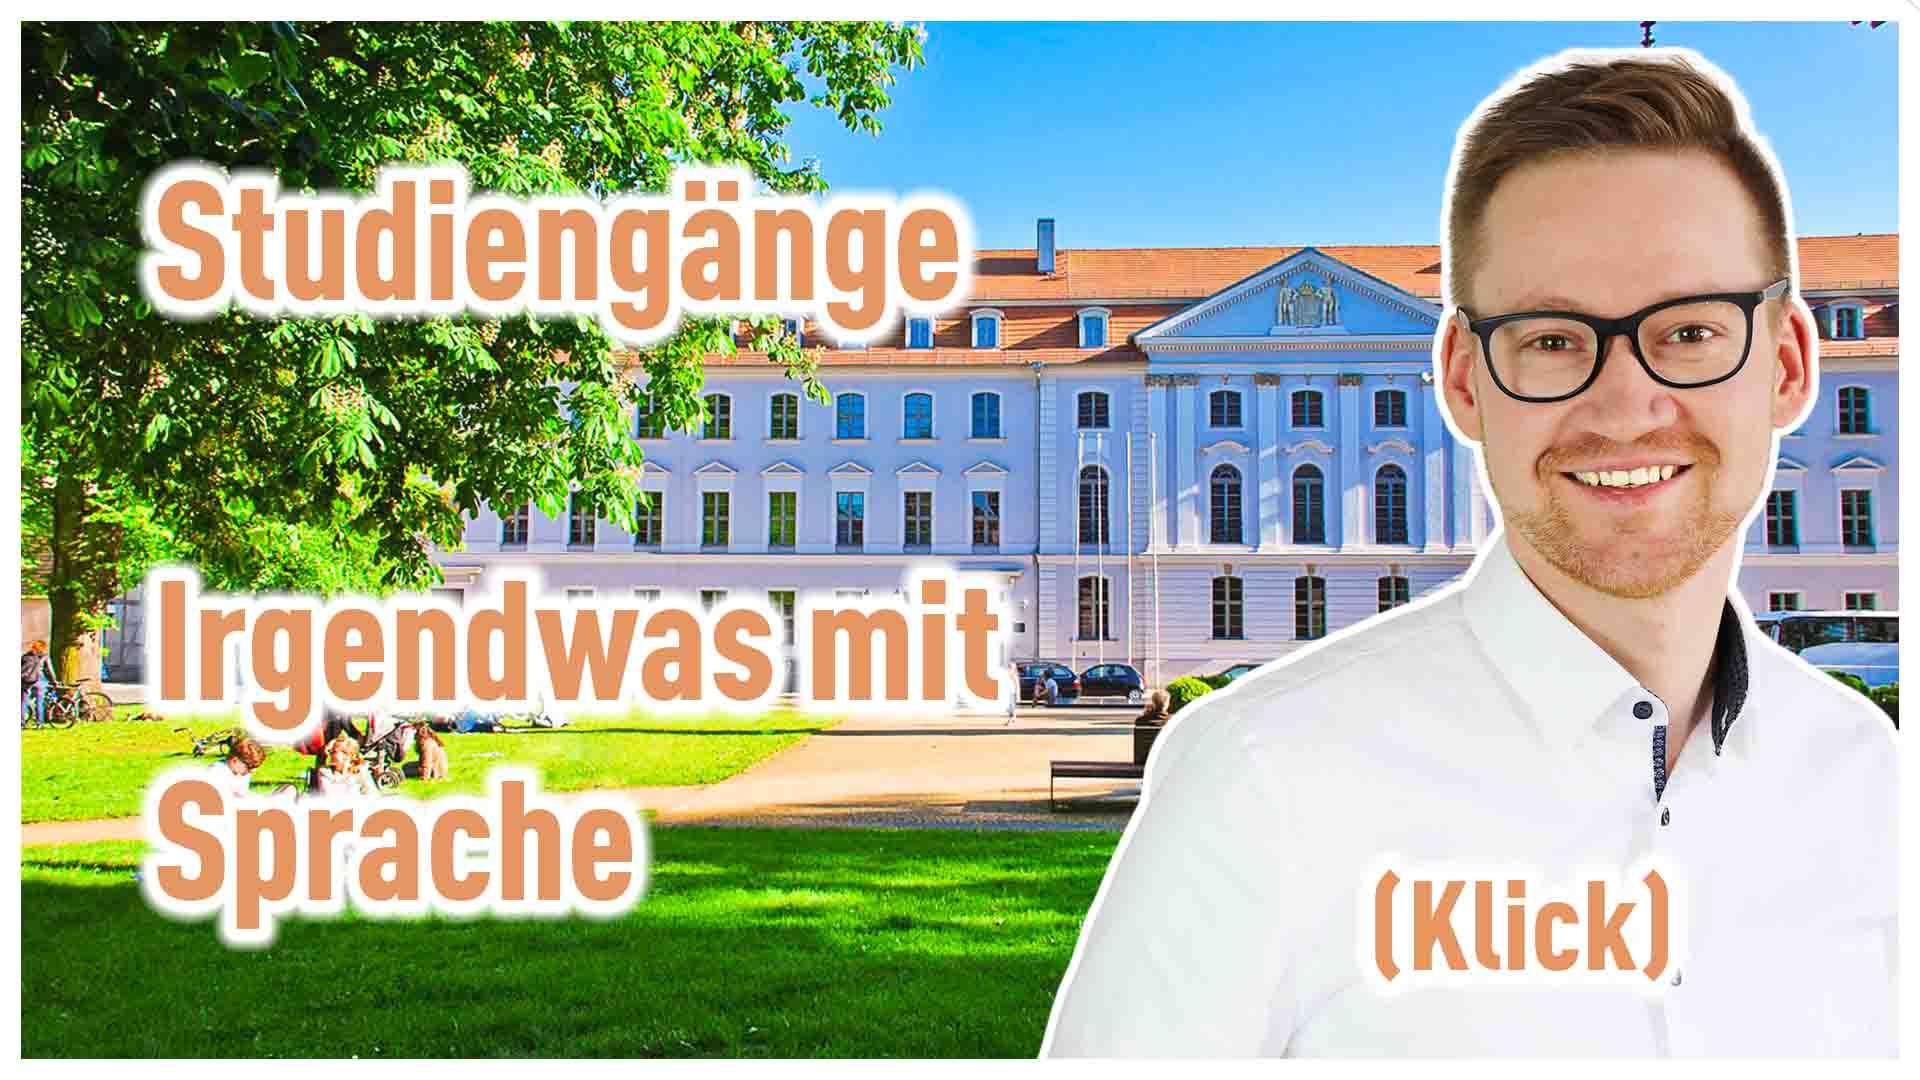 """hier sieht man das Hauptgebäude der Universität Greifswald und den Text """"Studiengänge - Irgendwas mit Sprache"""""""""""